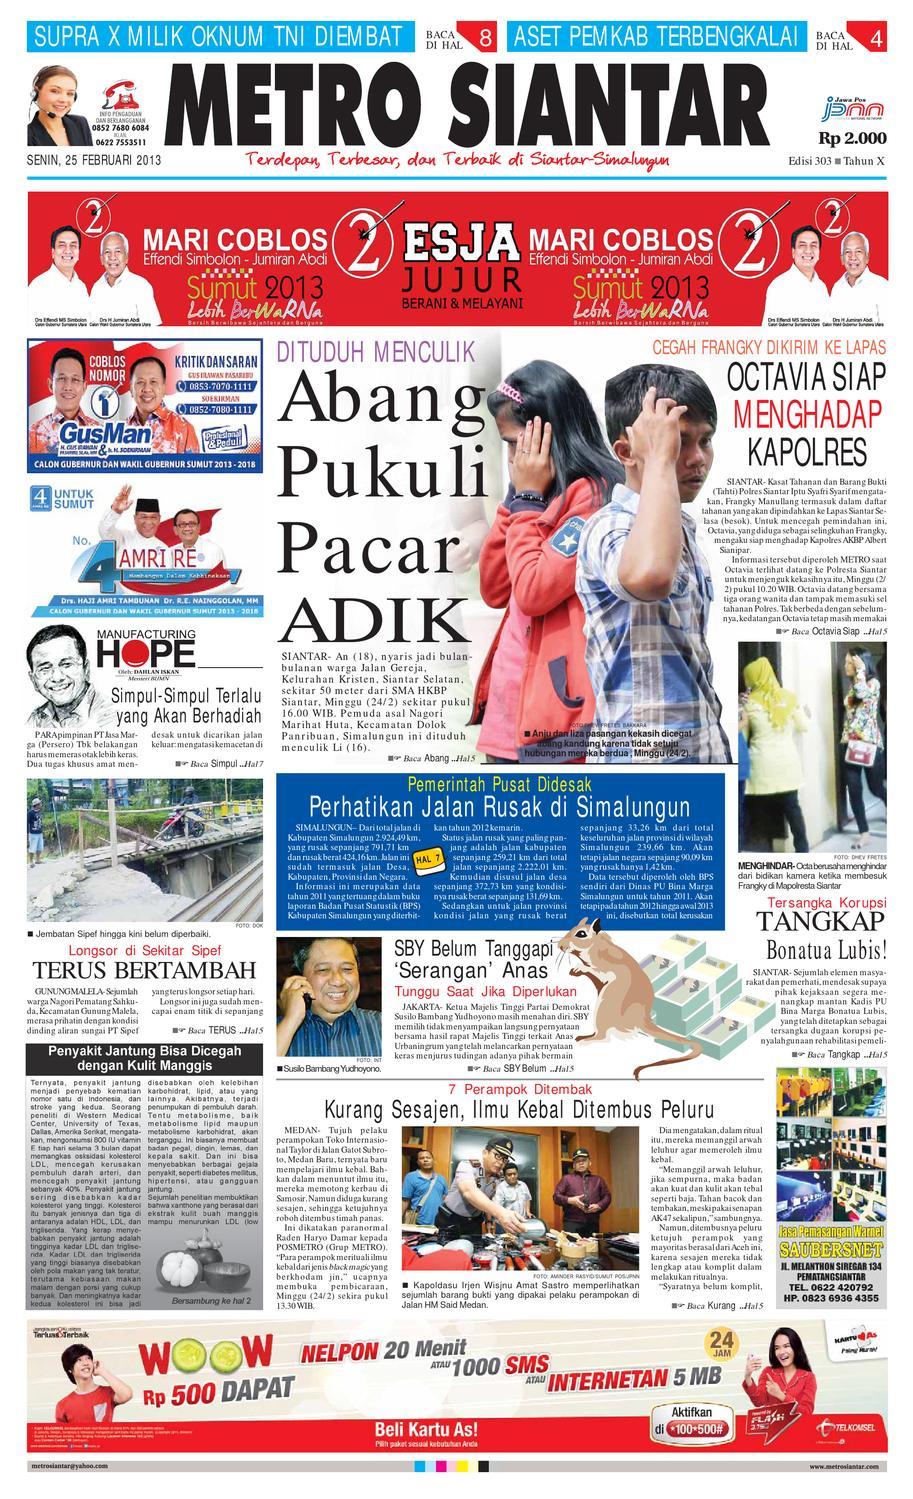 Epaper Metro Siantar Online By Issuu Kuliner Aneka Sambal Sambel Uleg Ibu Yayuk Bdg